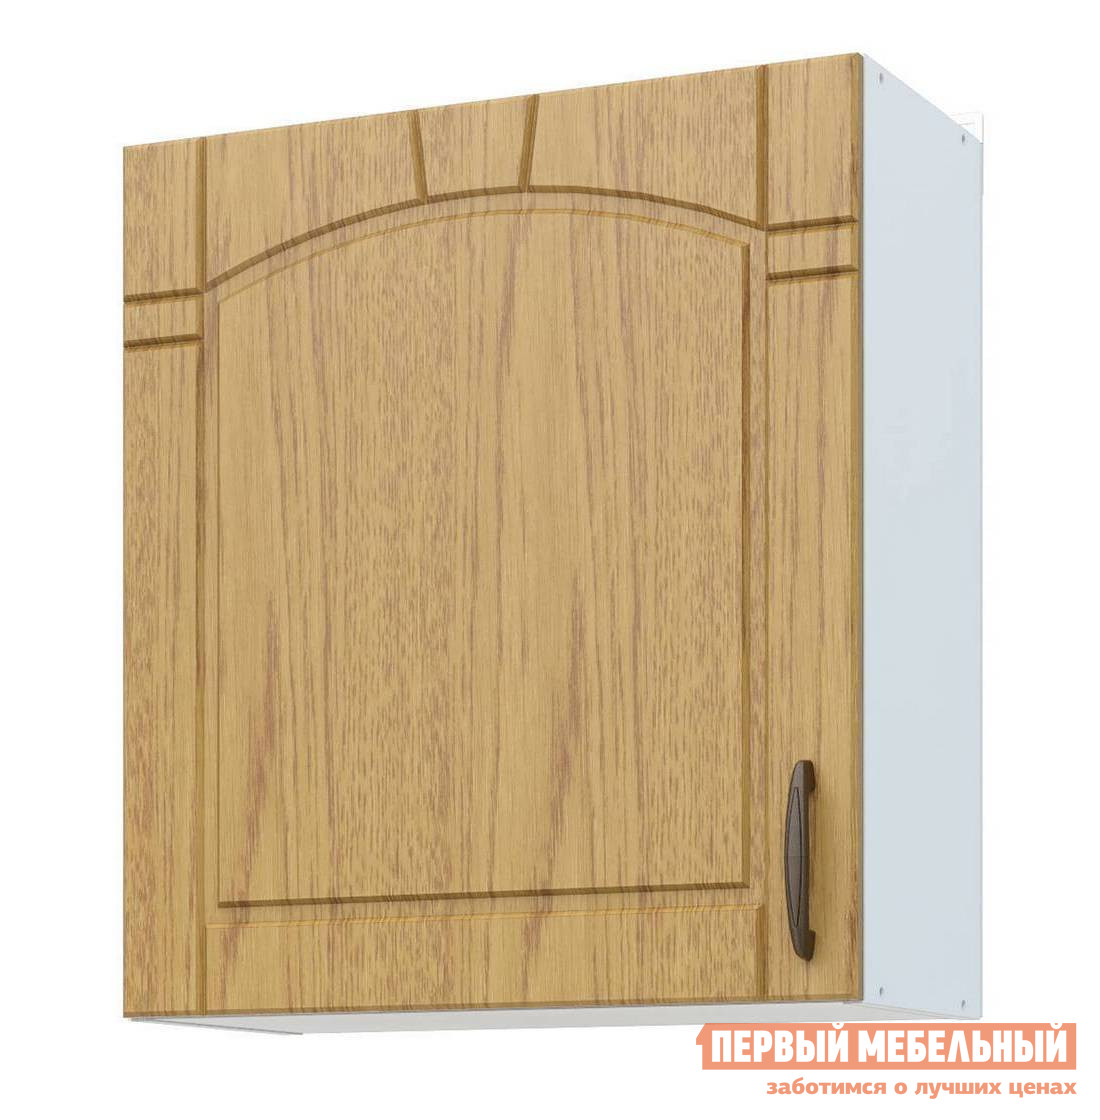 Кухонный модуль СтолЛайн СТЛ.144.02